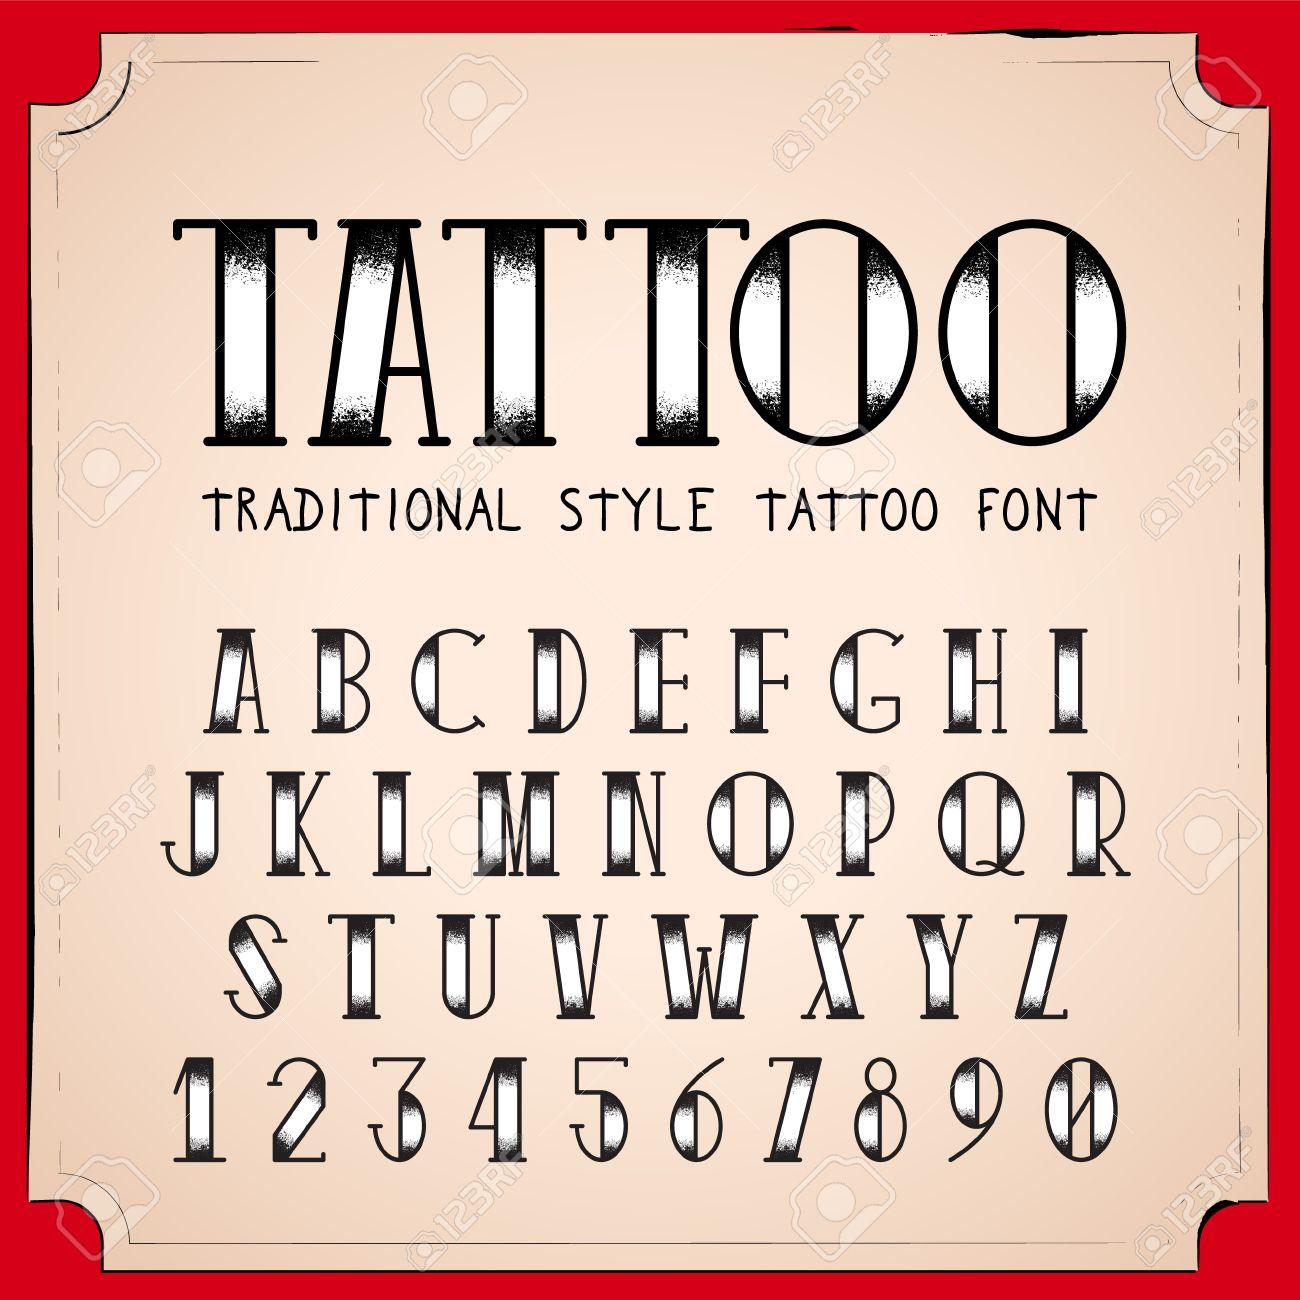 Old Police De Style De Tatouage De L Ecole Vector Traditionnelle Ink Tattoo Alphabet Clip Art Libres De Droits Vecteurs Et Illustration Image 46151406